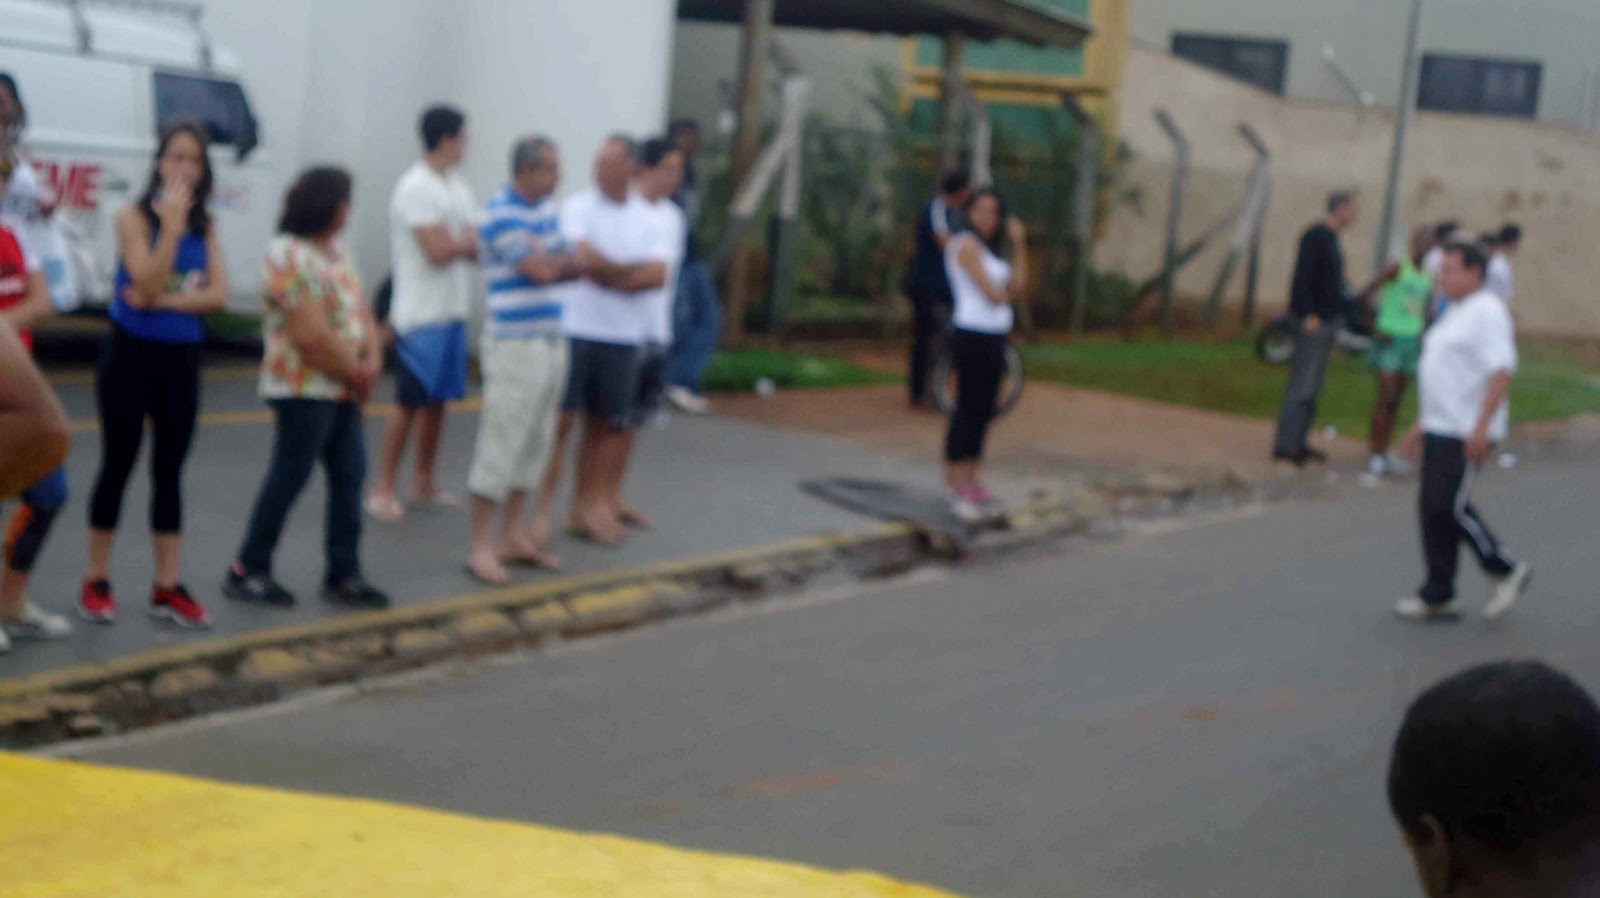 Foto 115 da 1ª Corrida Av. dos Coqueiros em Barretos-SP 14/04/2013 – Atletas cruzando a linha de chegada